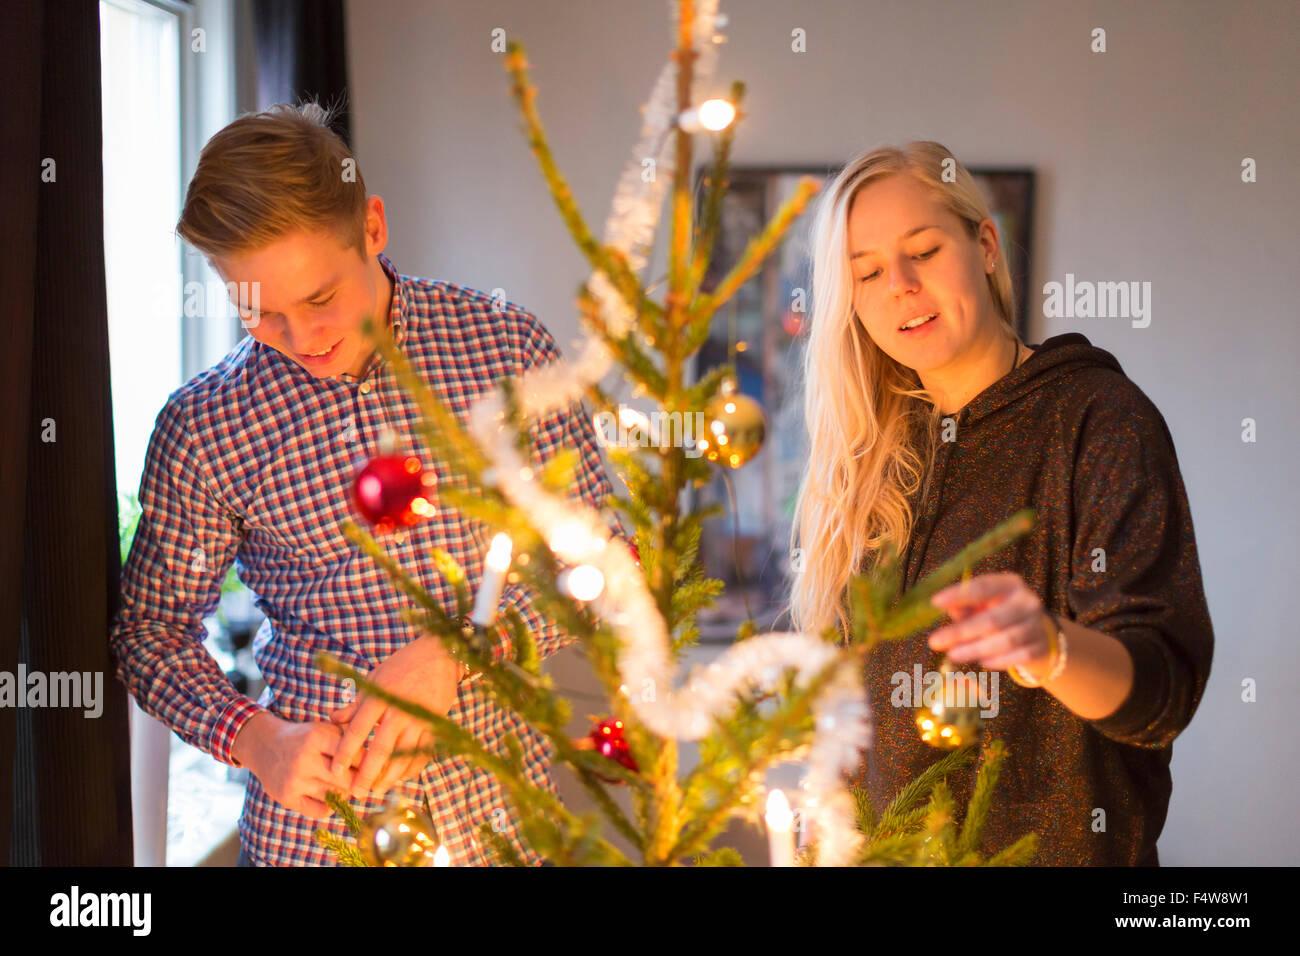 Dekorieren Weihnachtsbaum paar Stockbild